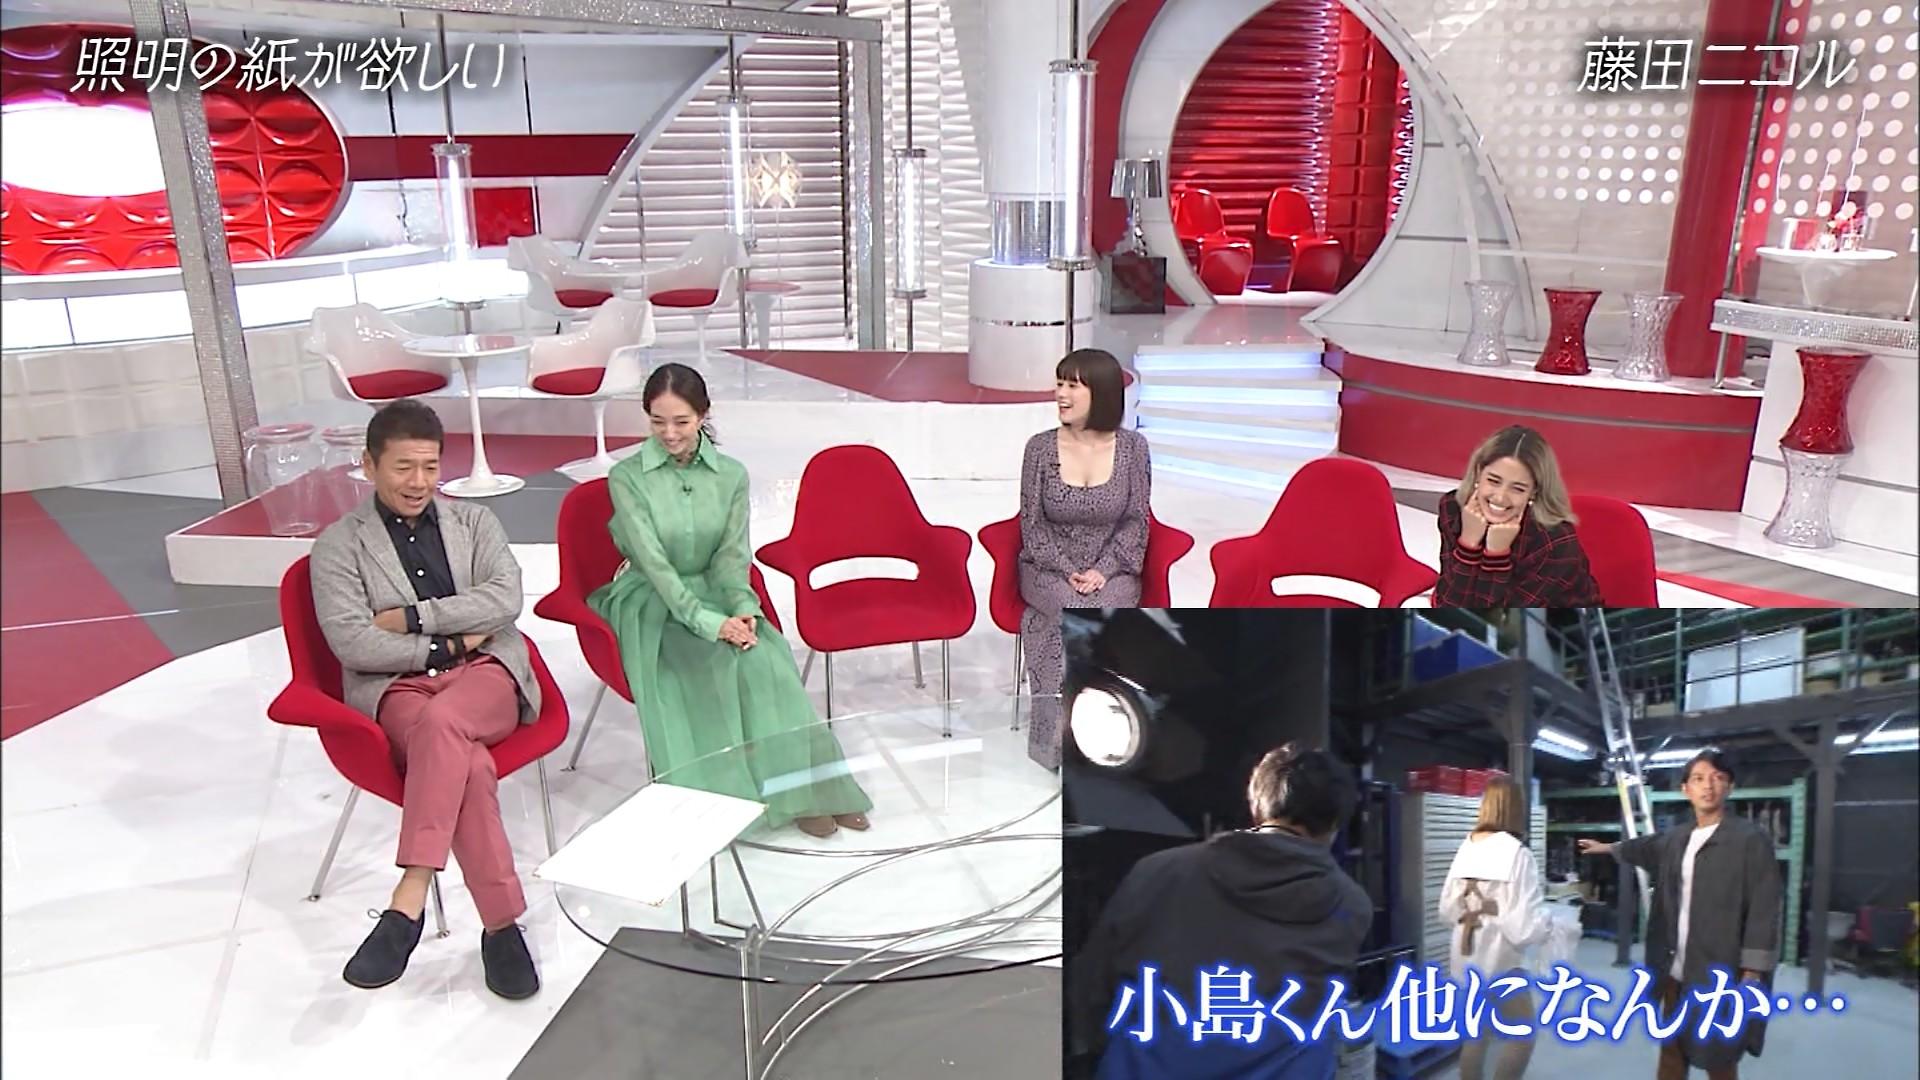 胸チラ_谷間_おっぱい_おしゃれイズム_45